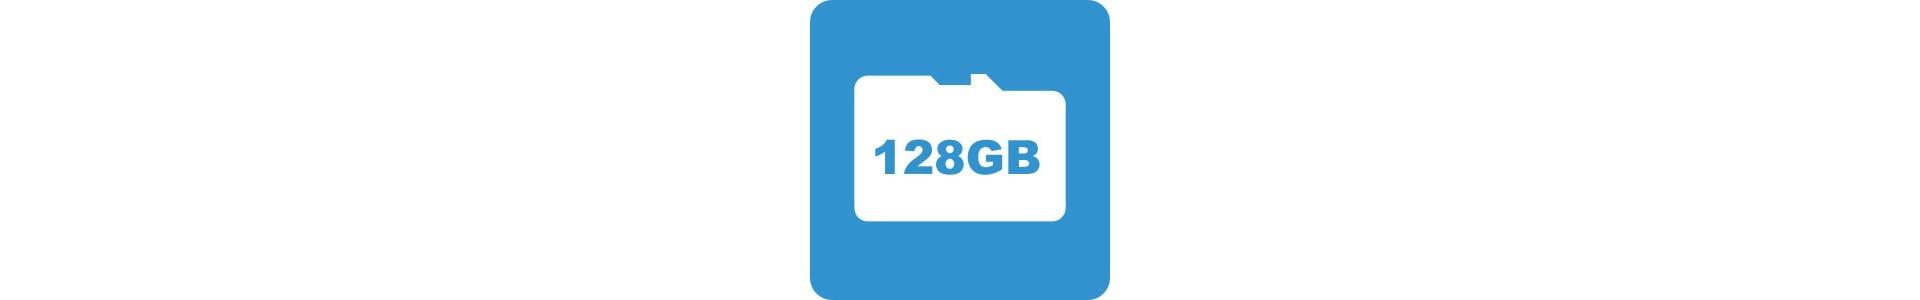 SD Card 128GB